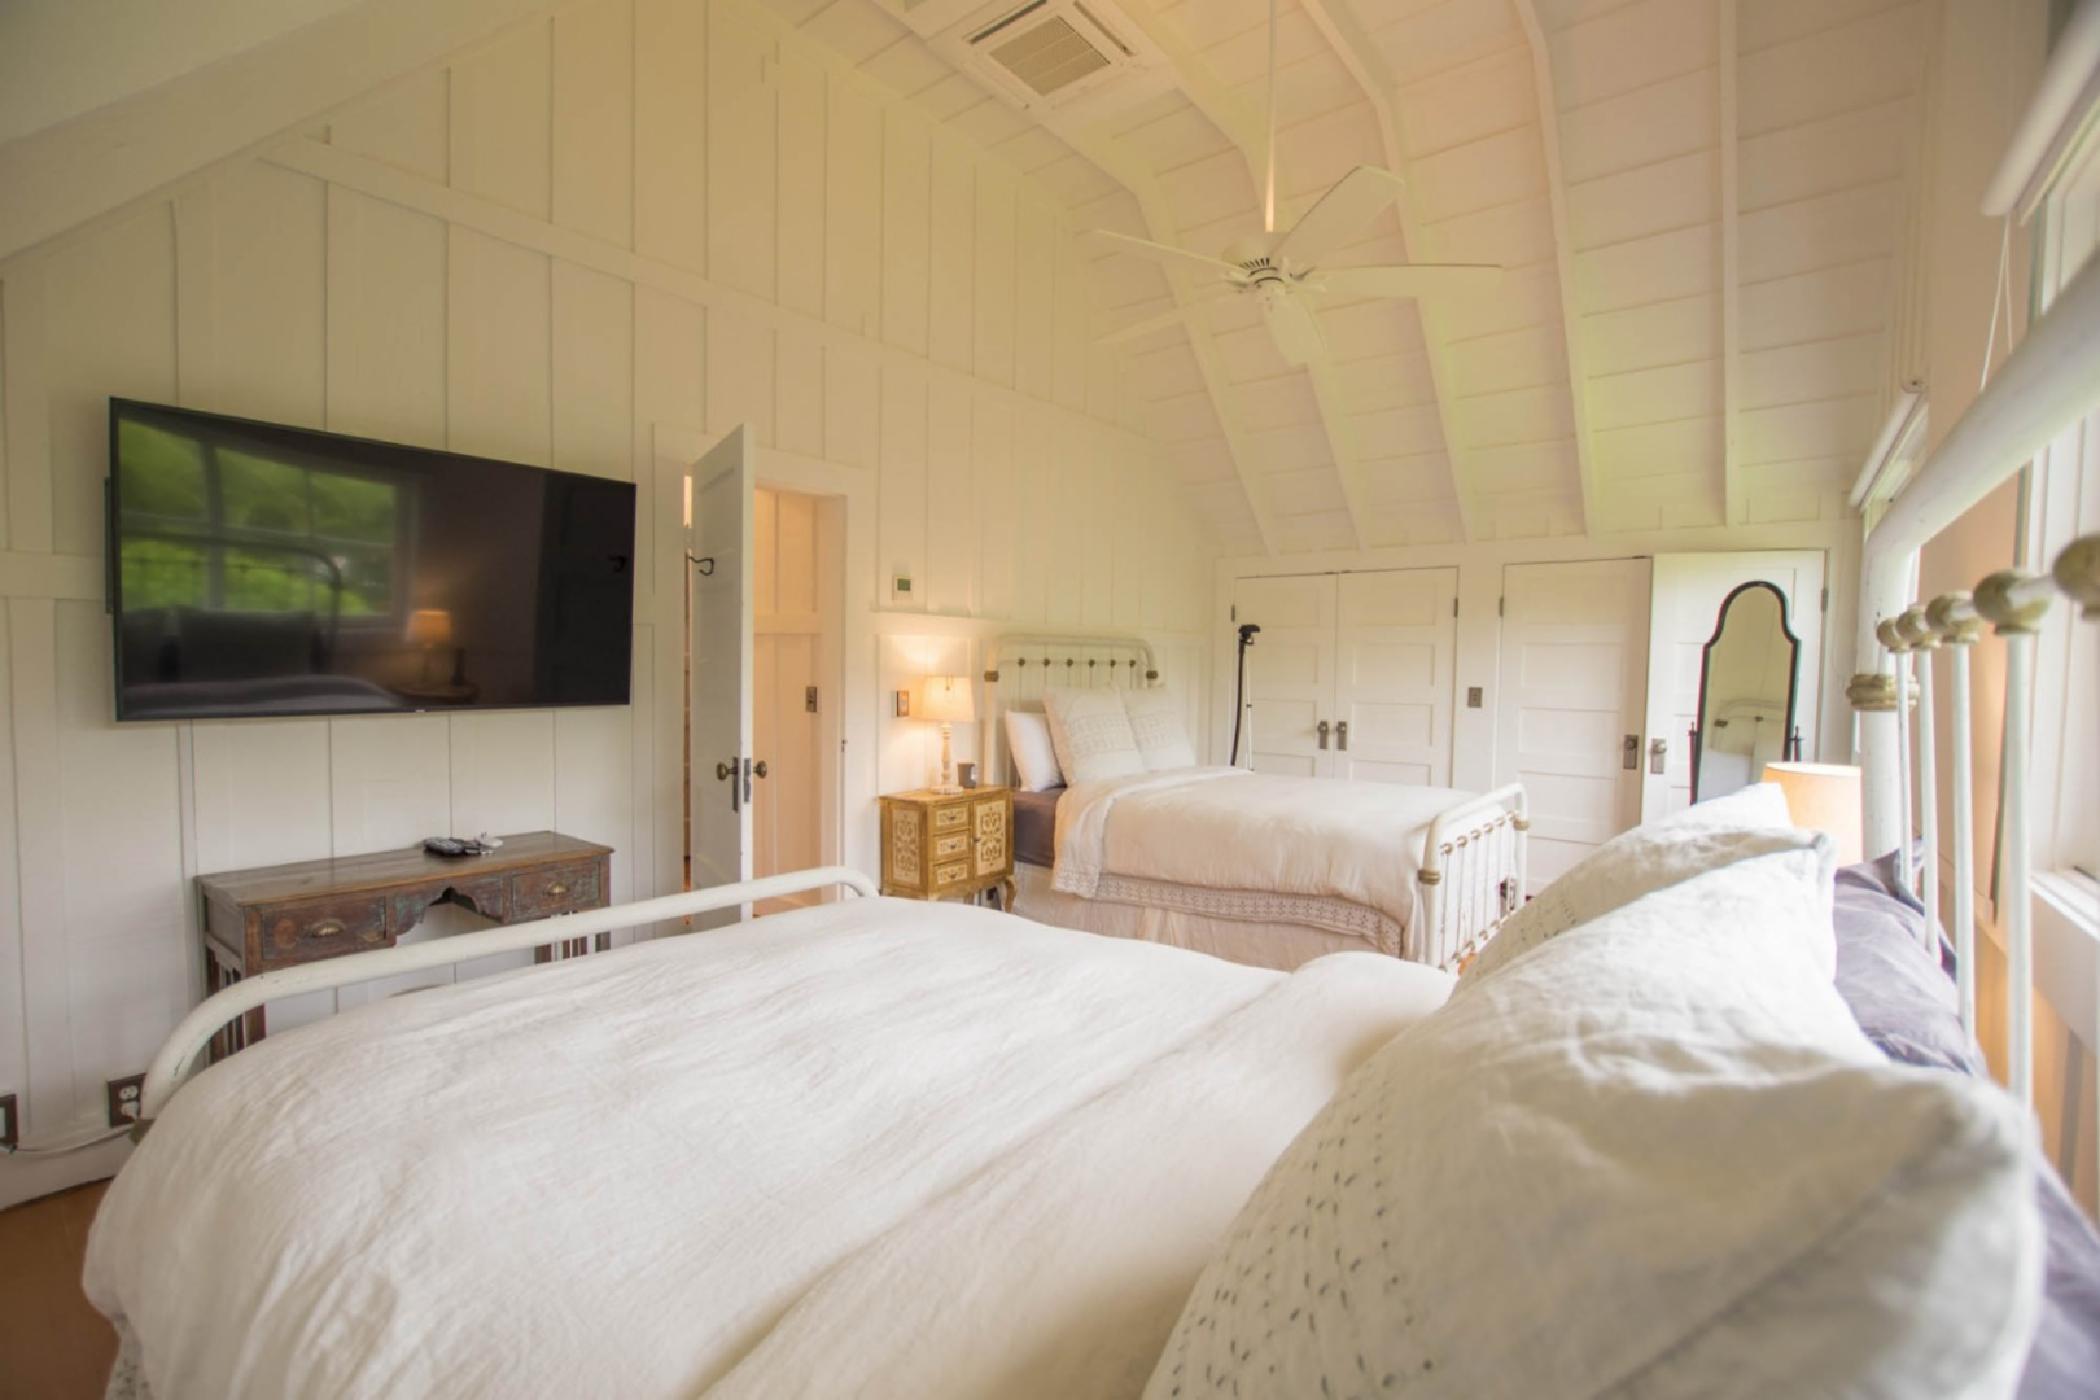 bedroom4_twoqueenupstairs.jpeg